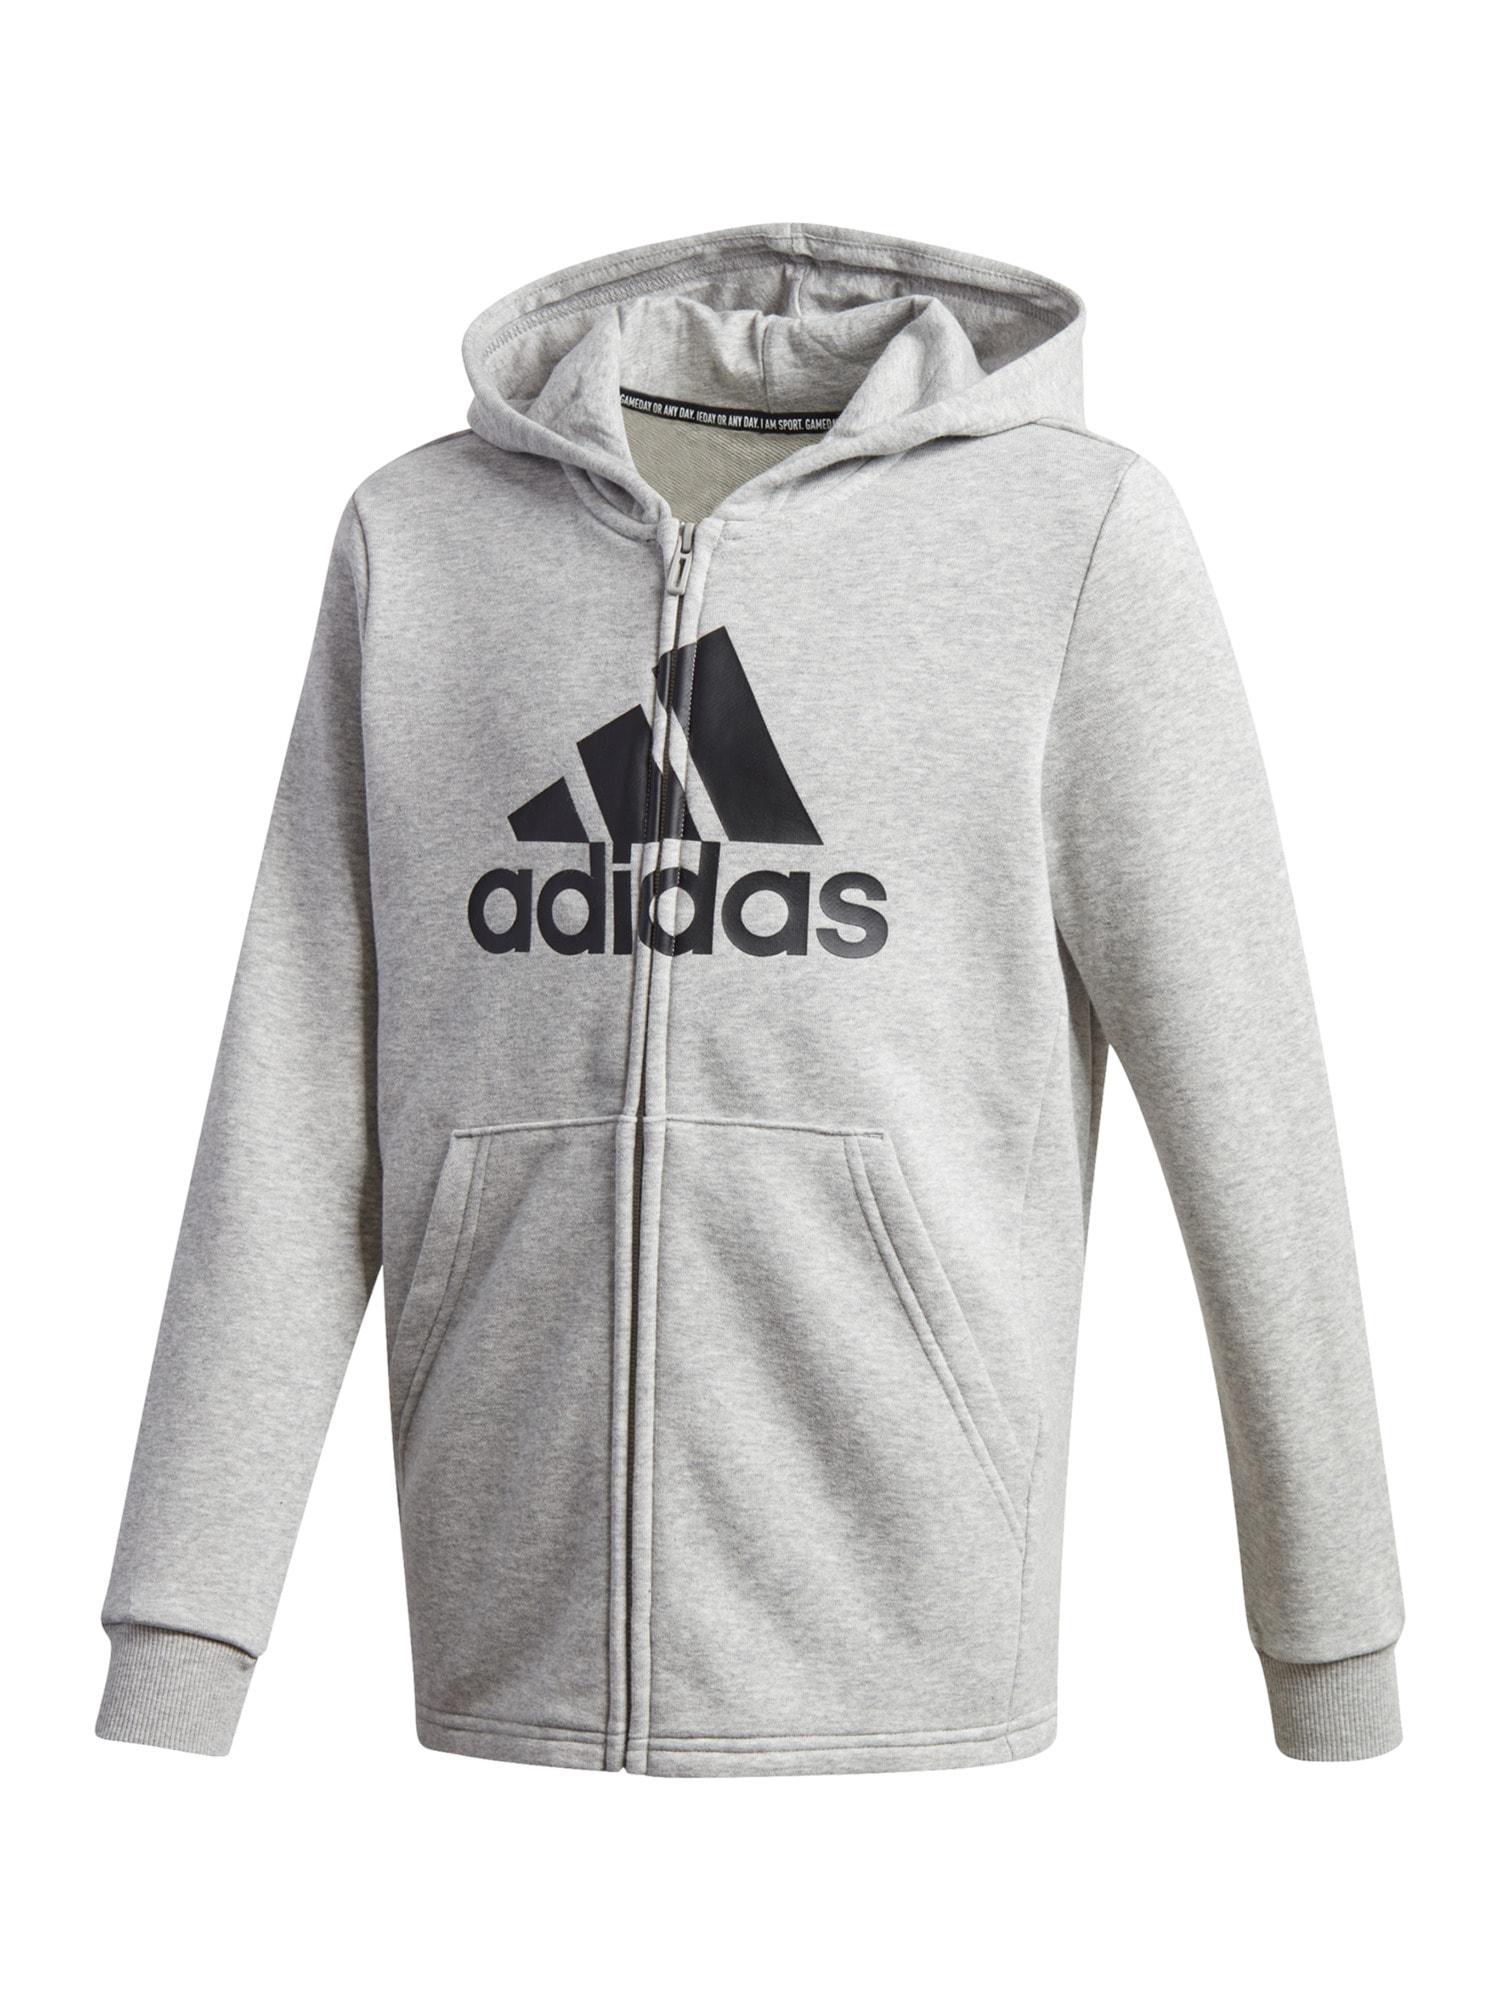 ADIDAS PERFORMANCE Sportinis džemperis juoda / šviesiai pilka